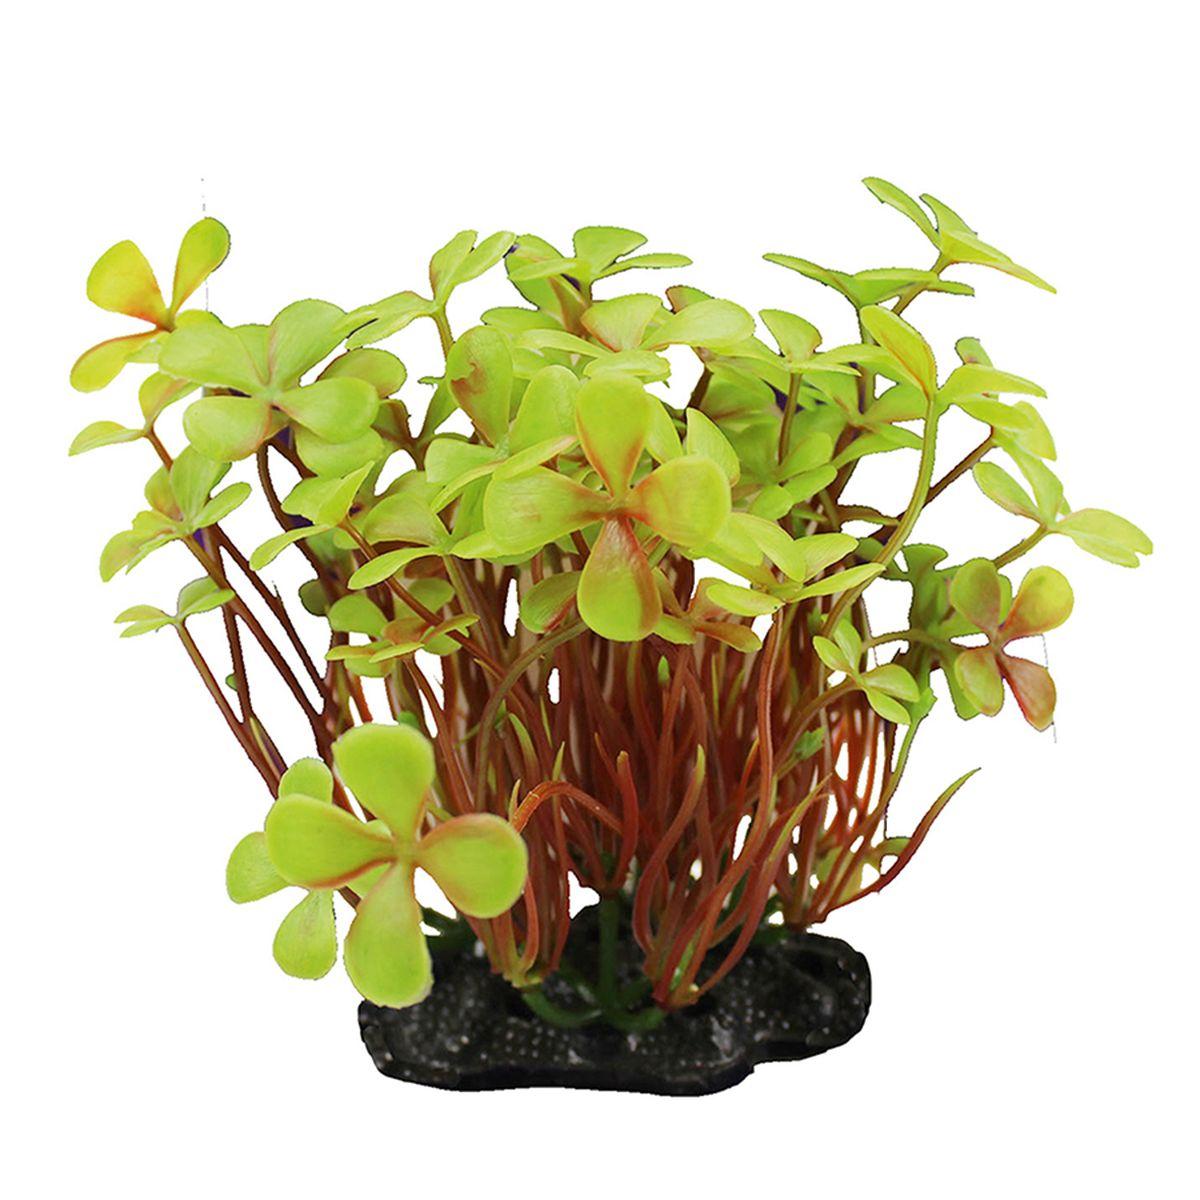 Растение для аквариума ArtUniq Марсилия желтая, высота 10-12 смART-1192119Растение для аквариума ArtUniq Марсилия желтая, высота 10-12 см